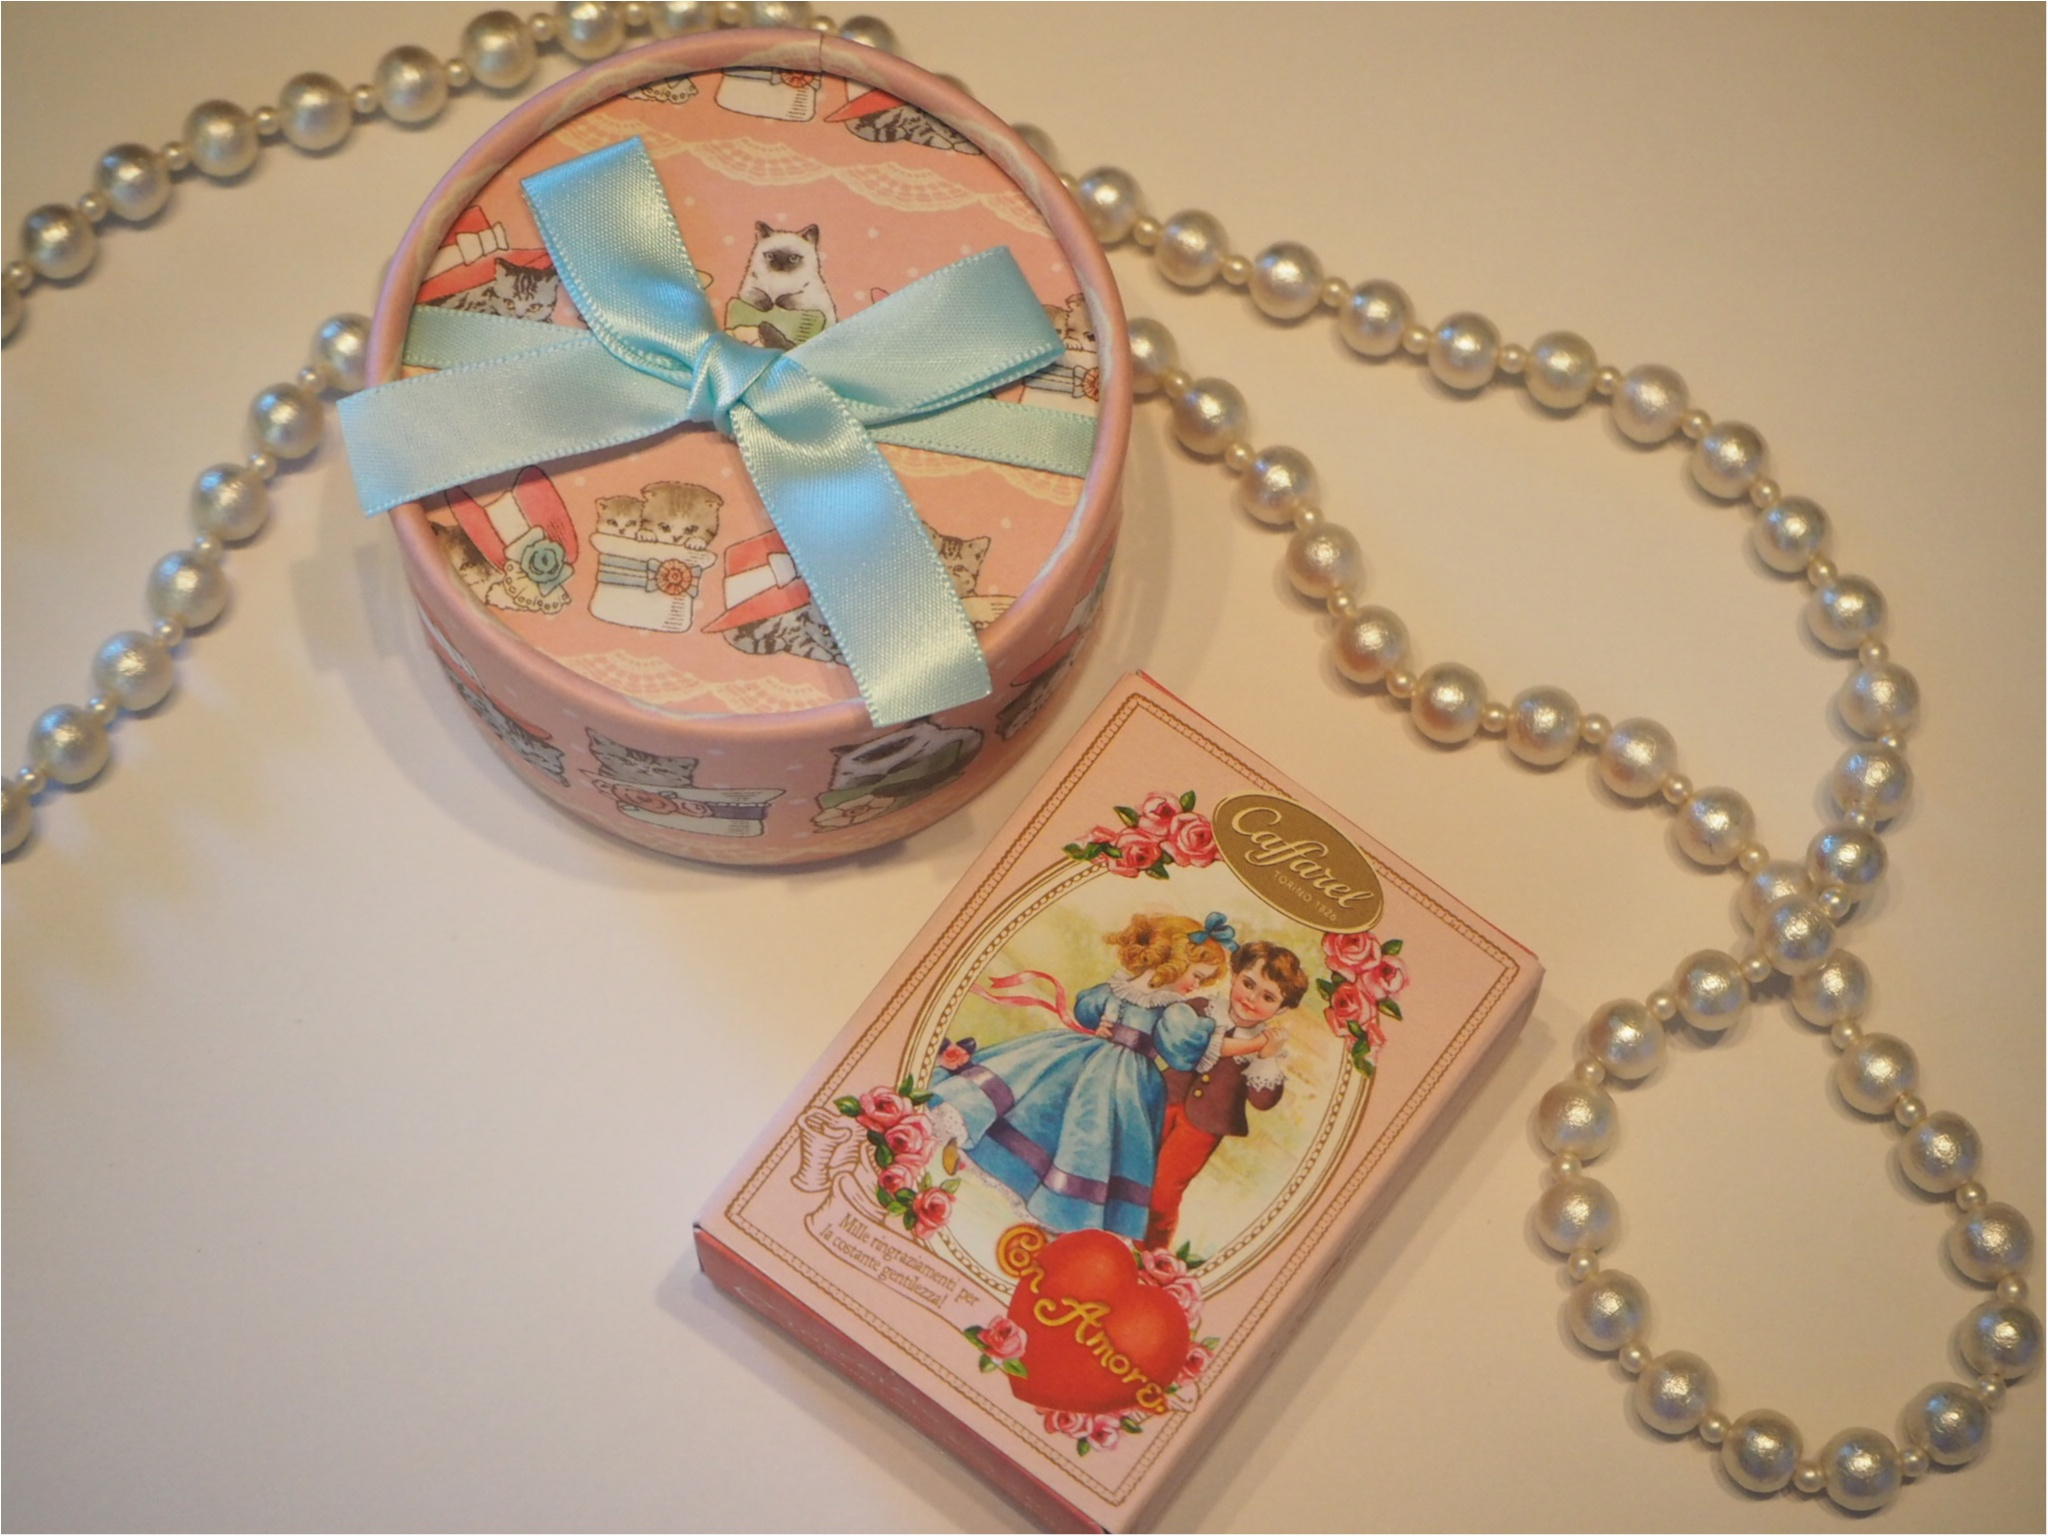 【バレンタインデー直前】今欲しいのは500円台で買えるお手軽ご褒美チョコ!_1